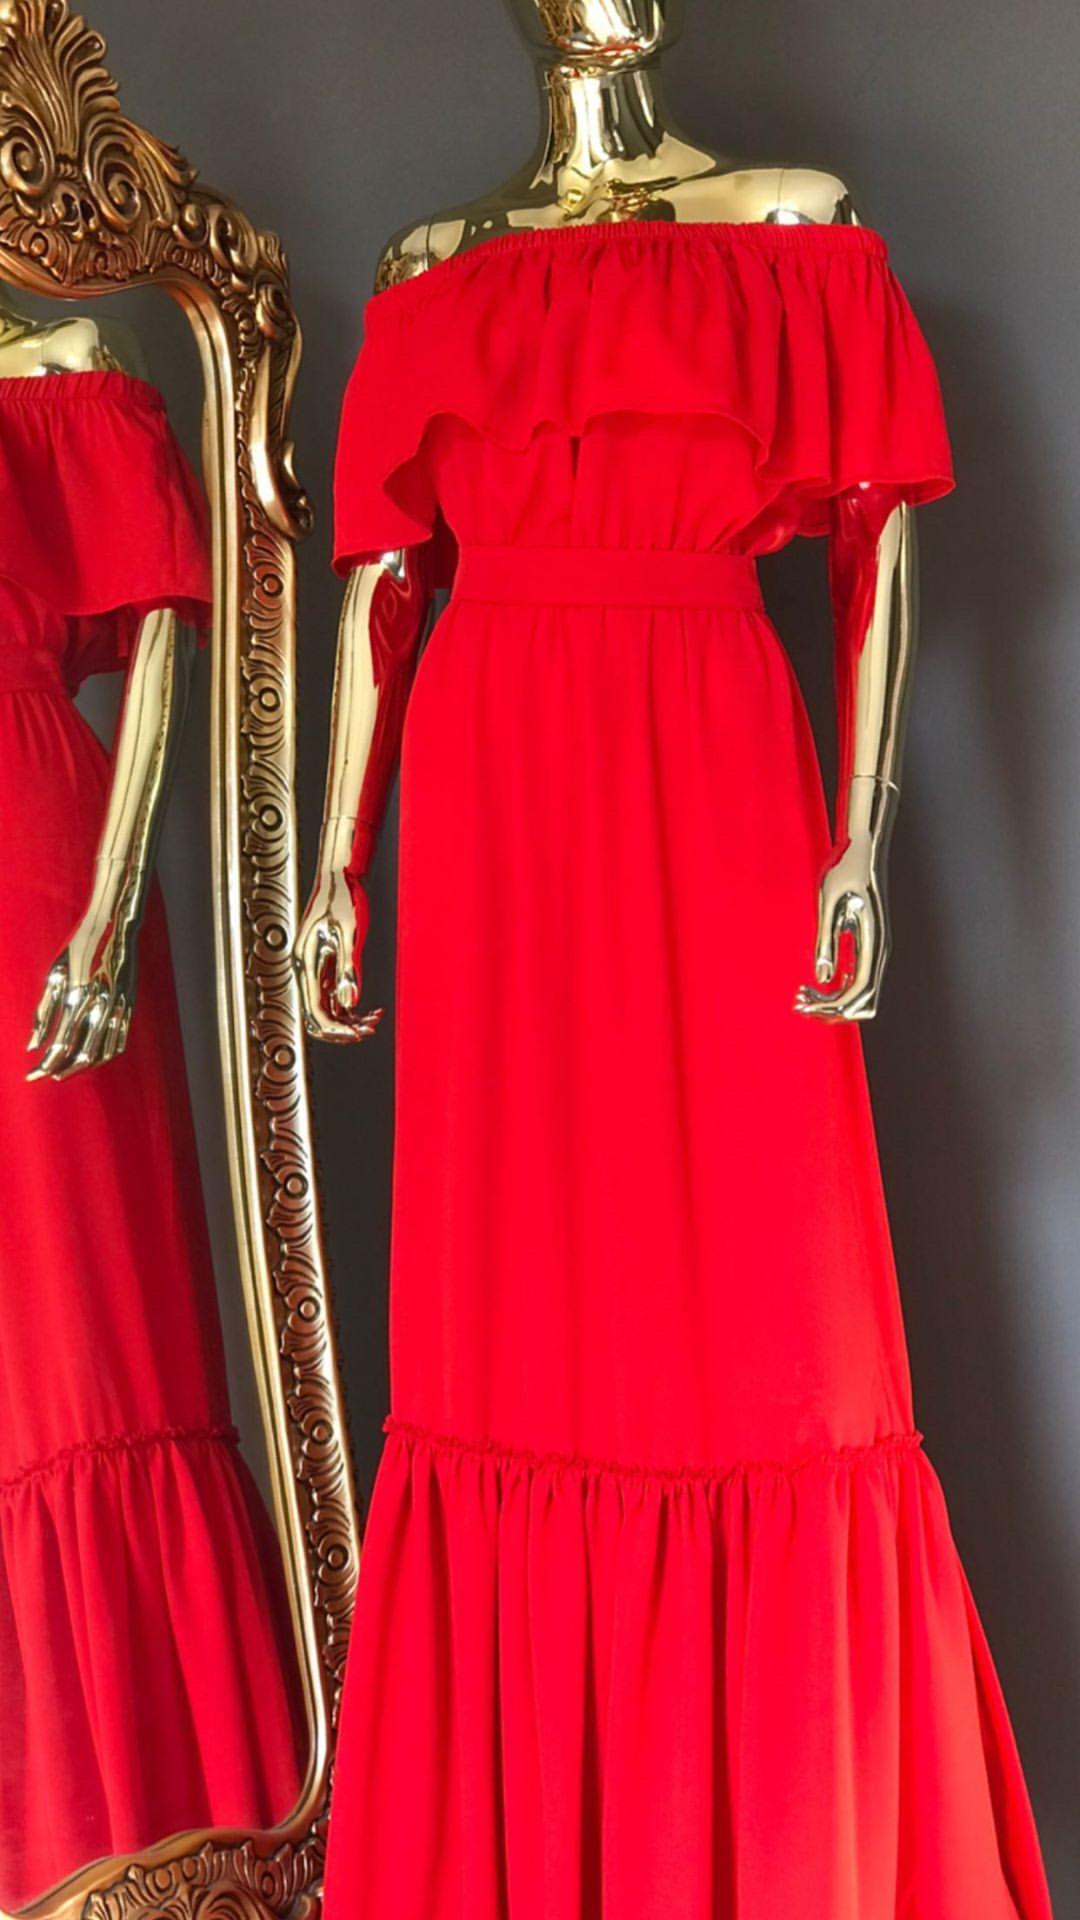 DIDEMΛYDIN Kırmızı Uzun Elbise